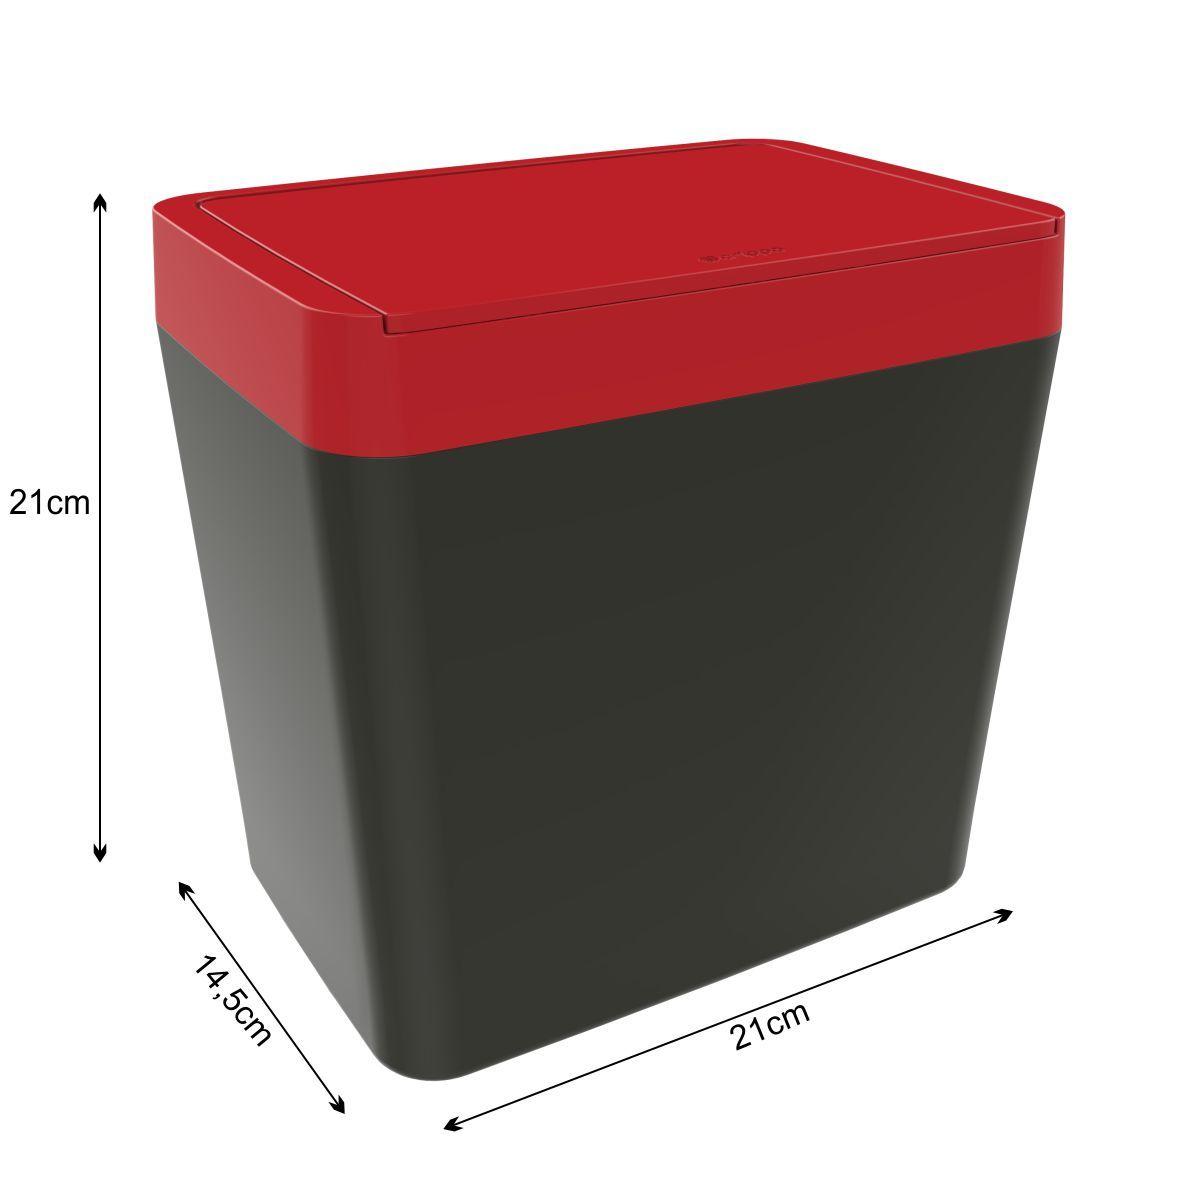 Kit Lixeira + Organizador de Pia - Chumbo com Vermelho